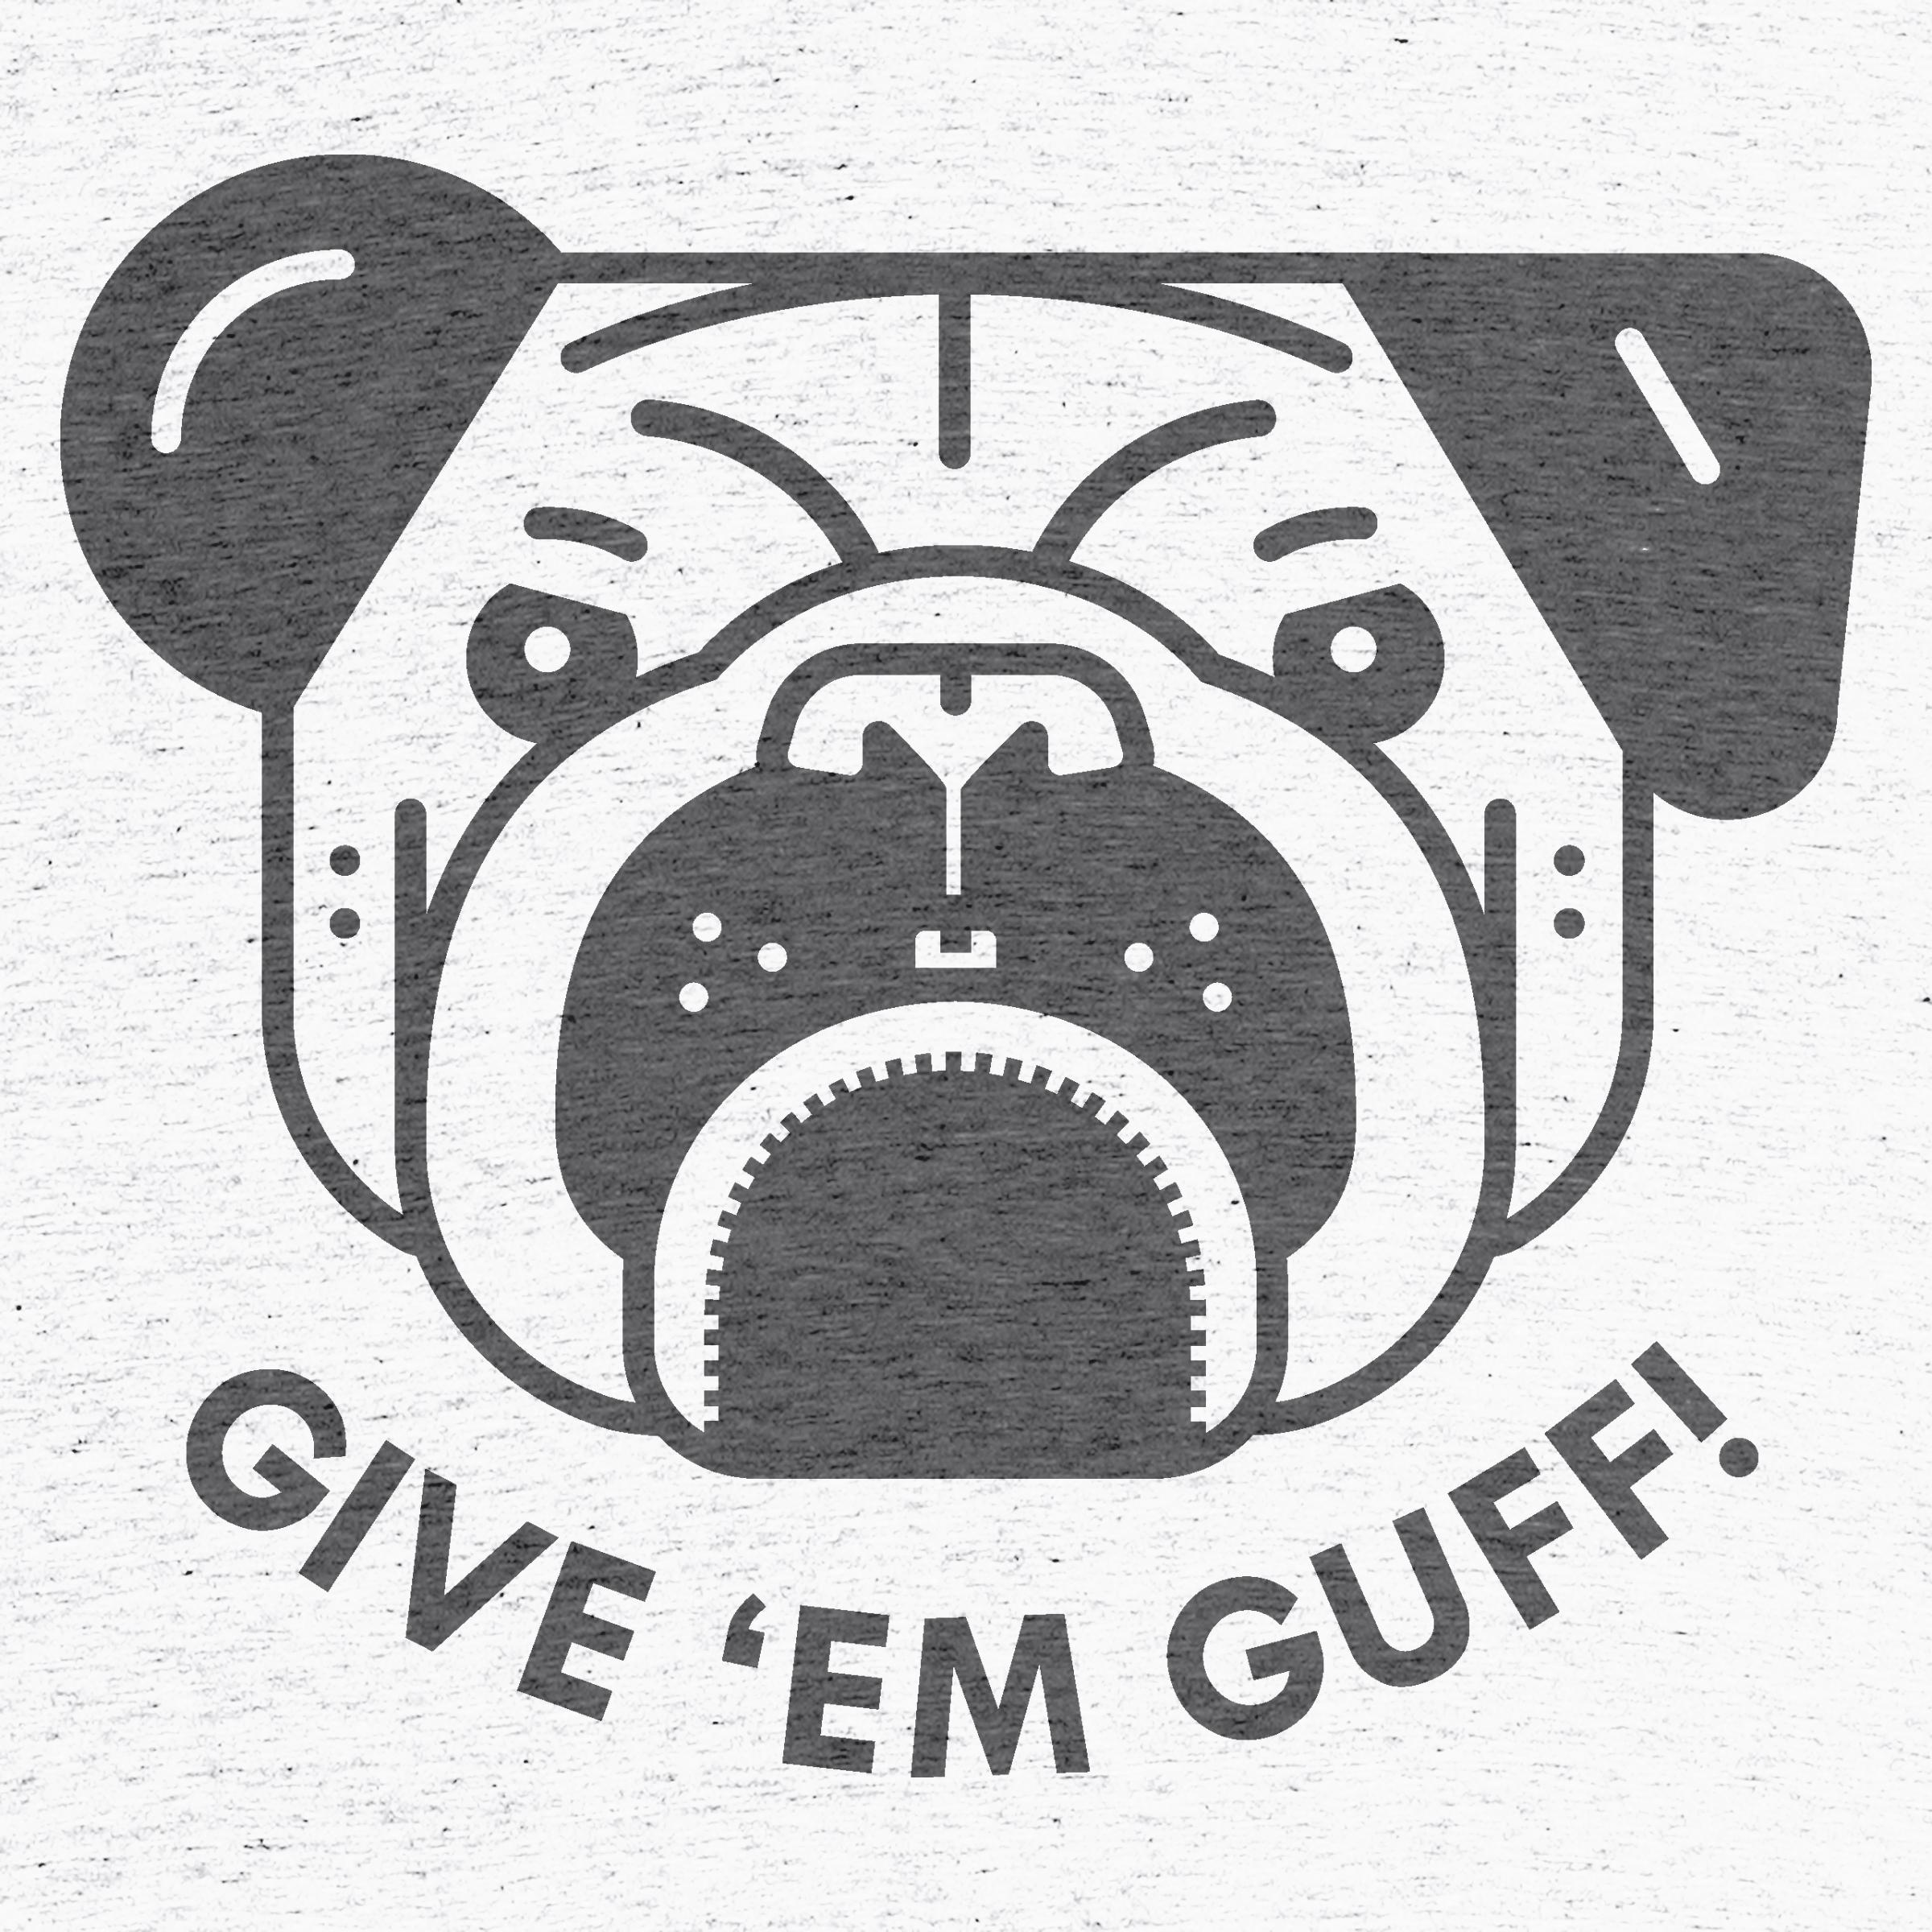 Give 'Em Guff!